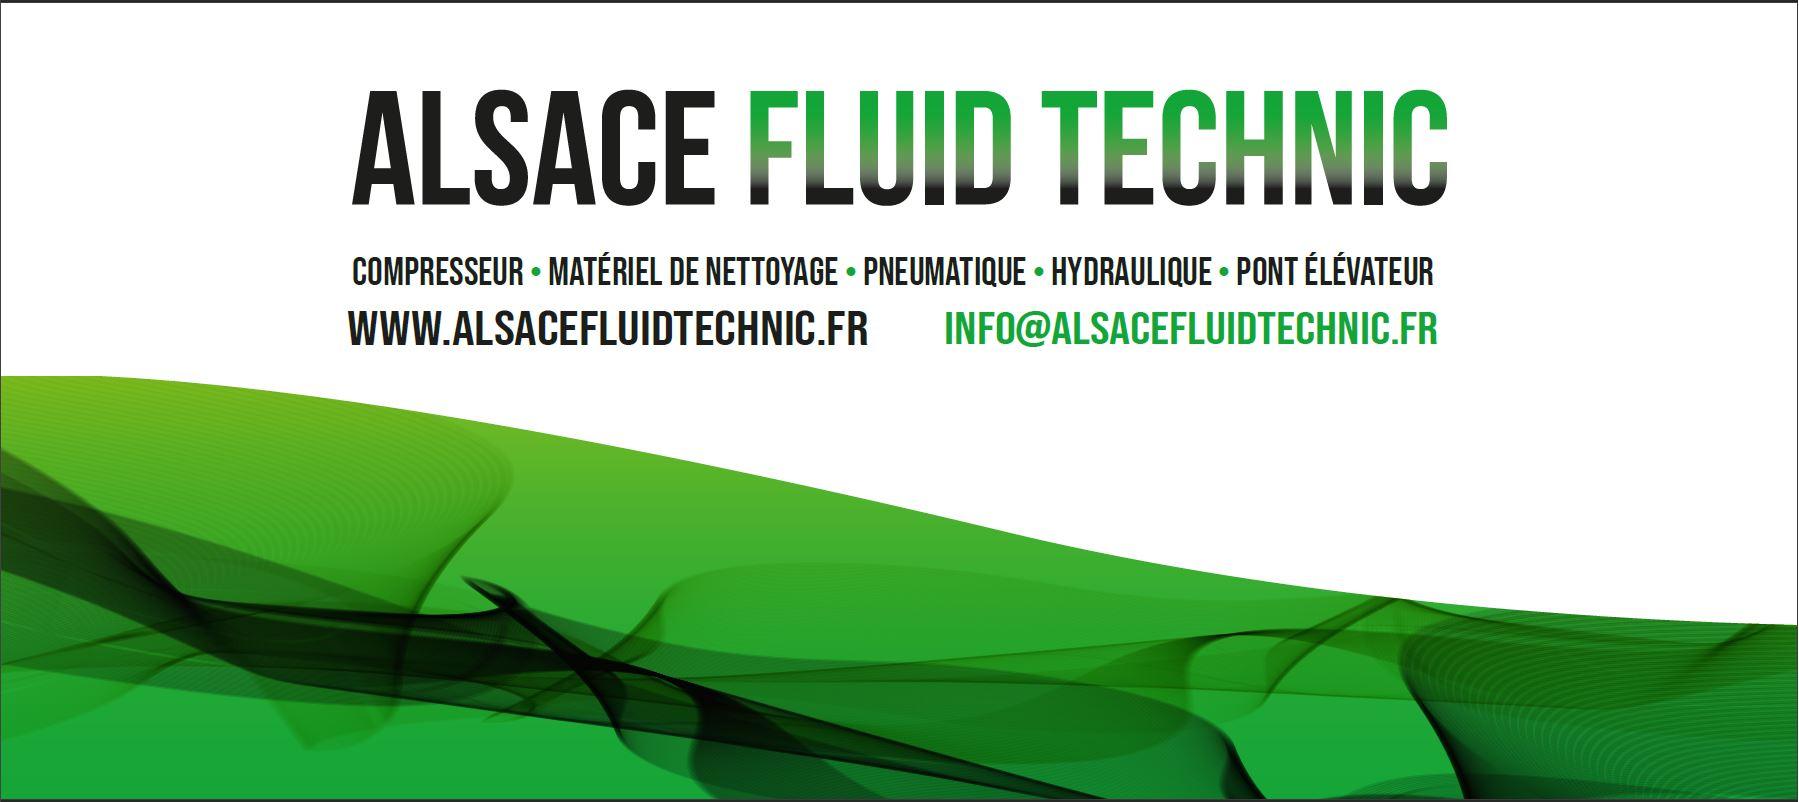 1600156343-alsace-fluid-technic-sarl.jpg